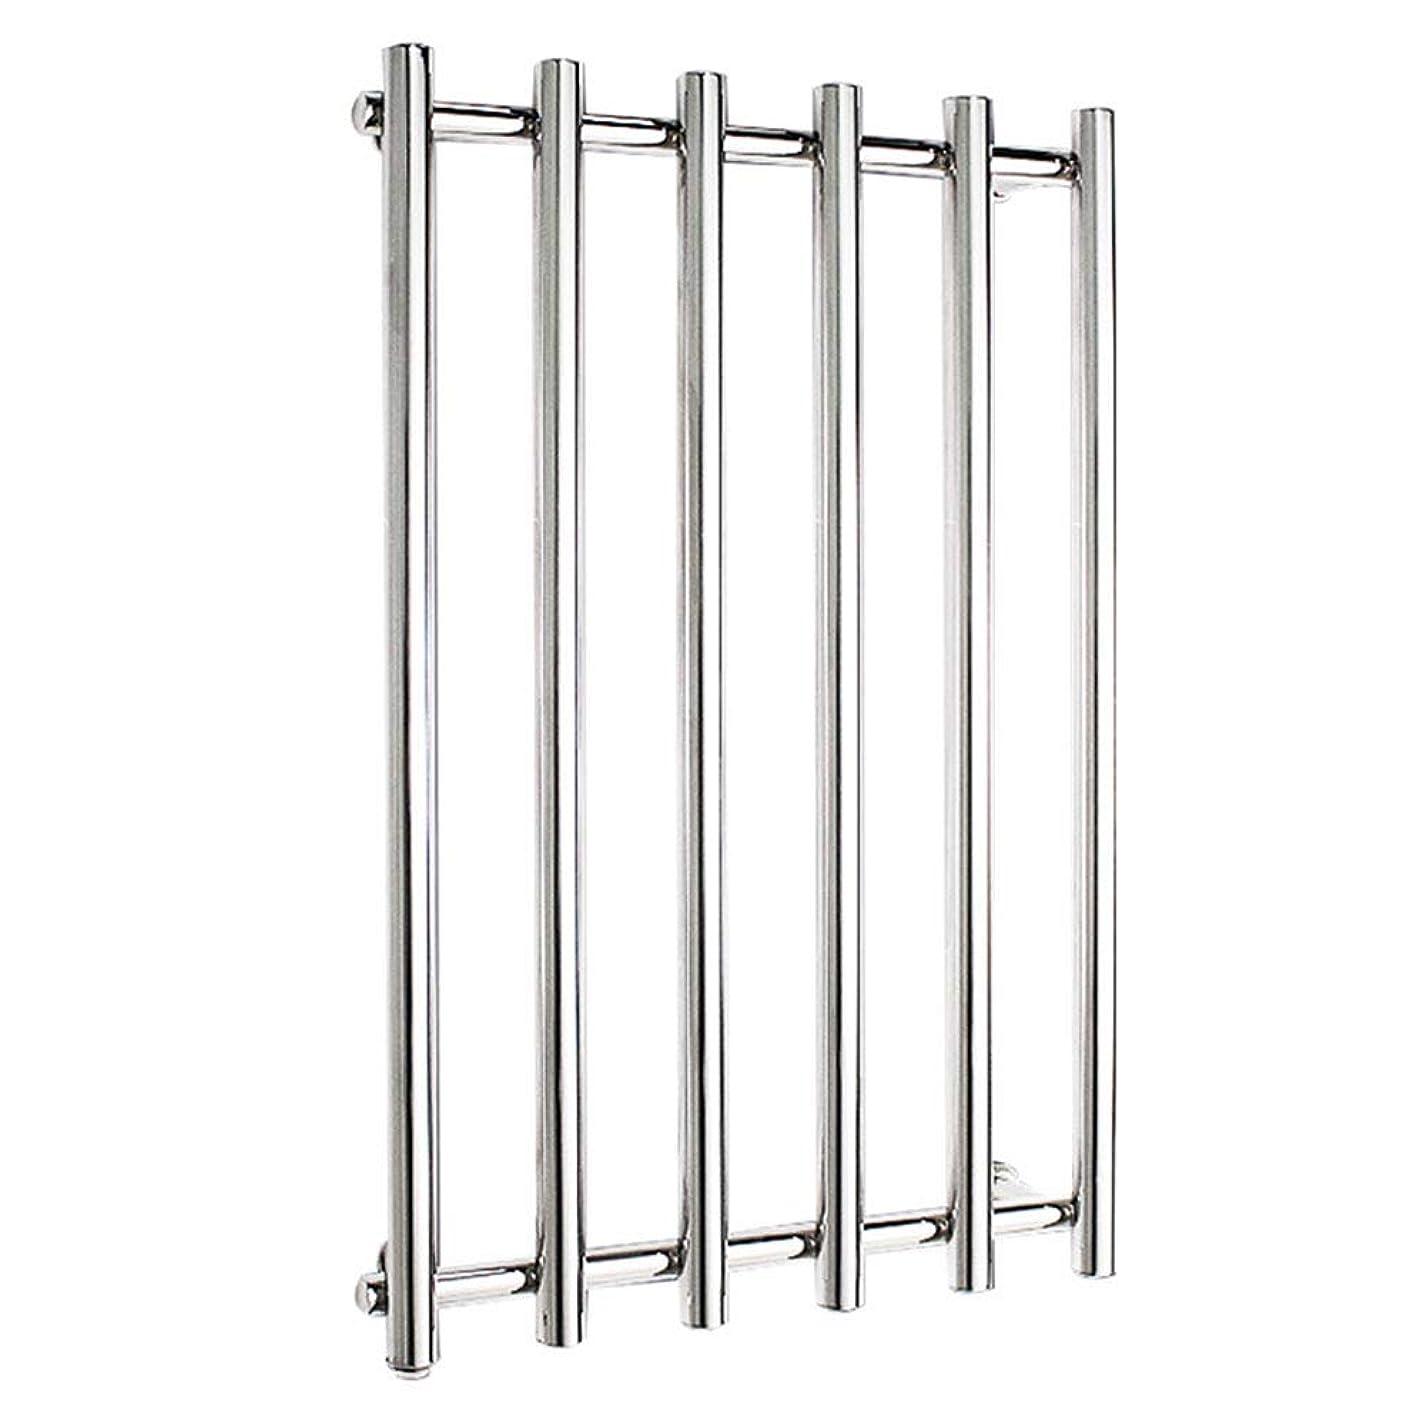 プレゼンターソーセージいつでも304ステンレス鋼電気タオルラジエーター、壁掛け式電気タオルウォーマー、バスルームハードウェアアクセサリー、ポリッシュクローム、恒温乾燥、810x540x110mm